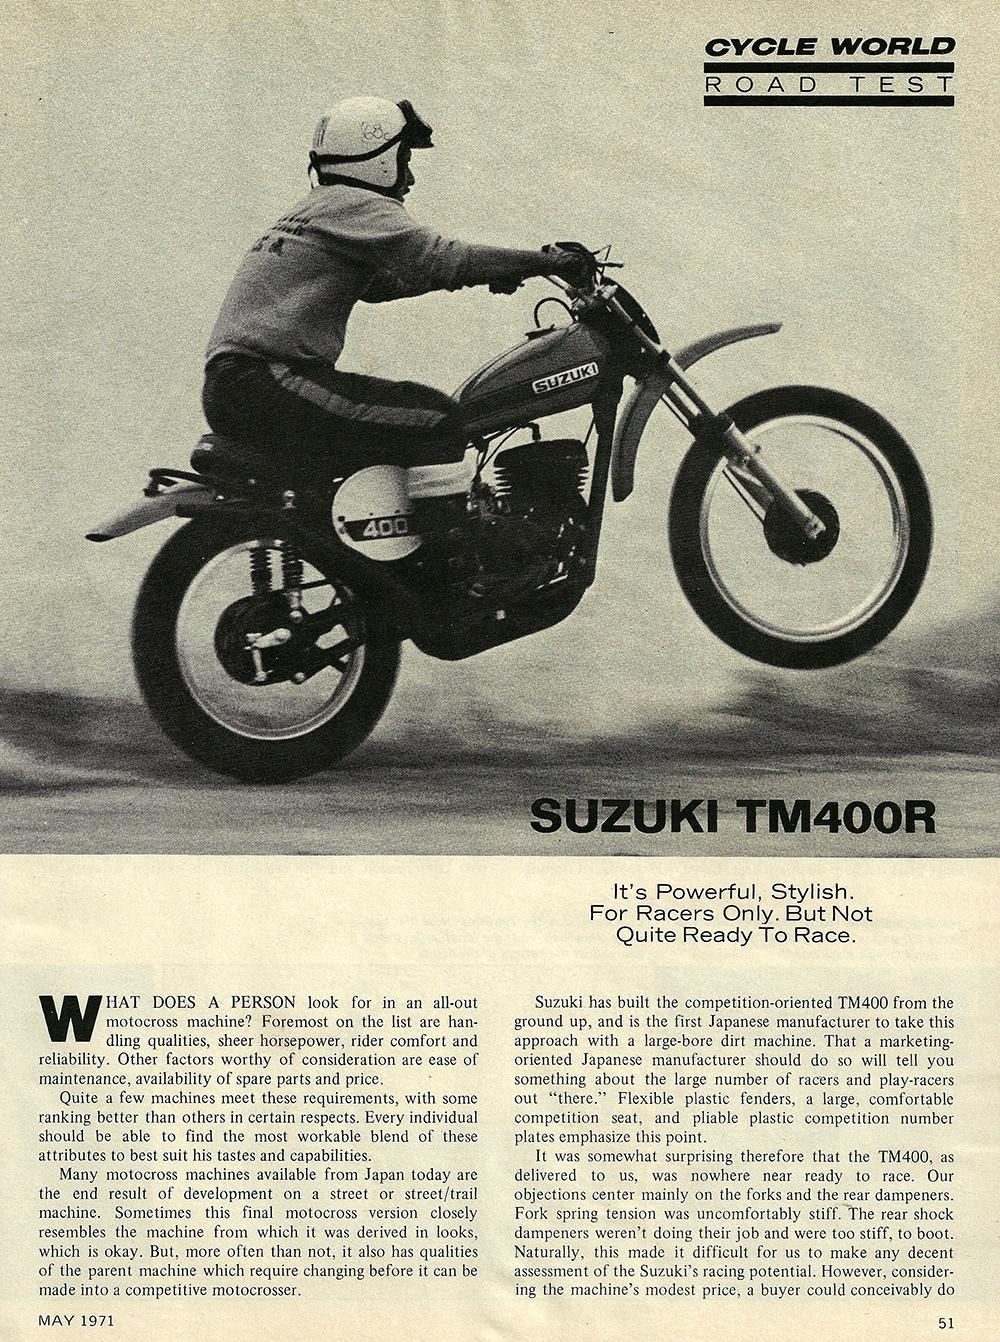 1971 Suzuki TM400R road test 01.jpg